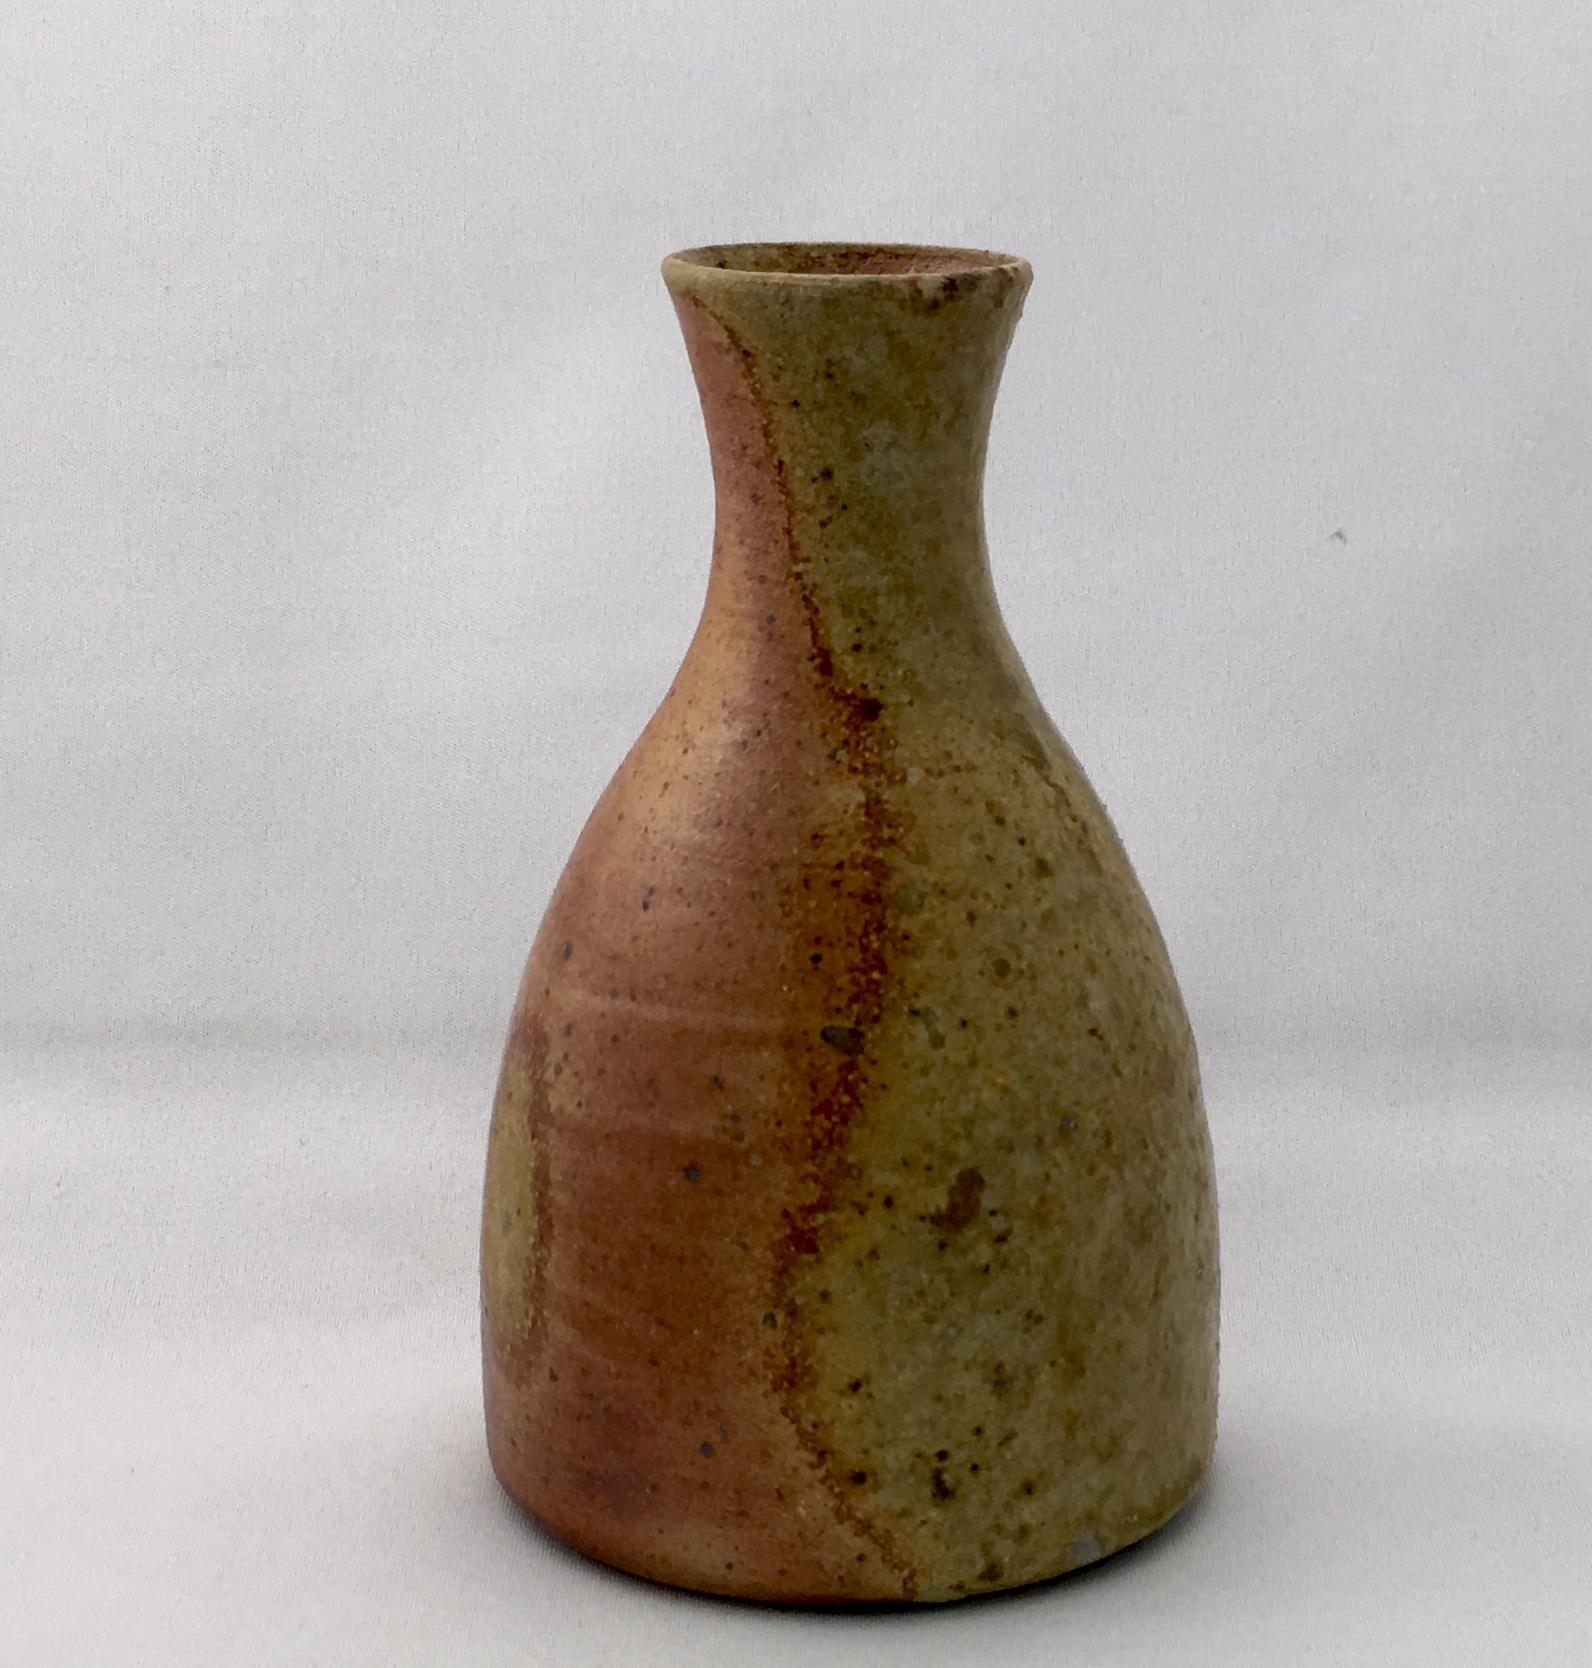 Vase IMG_5137.jpg